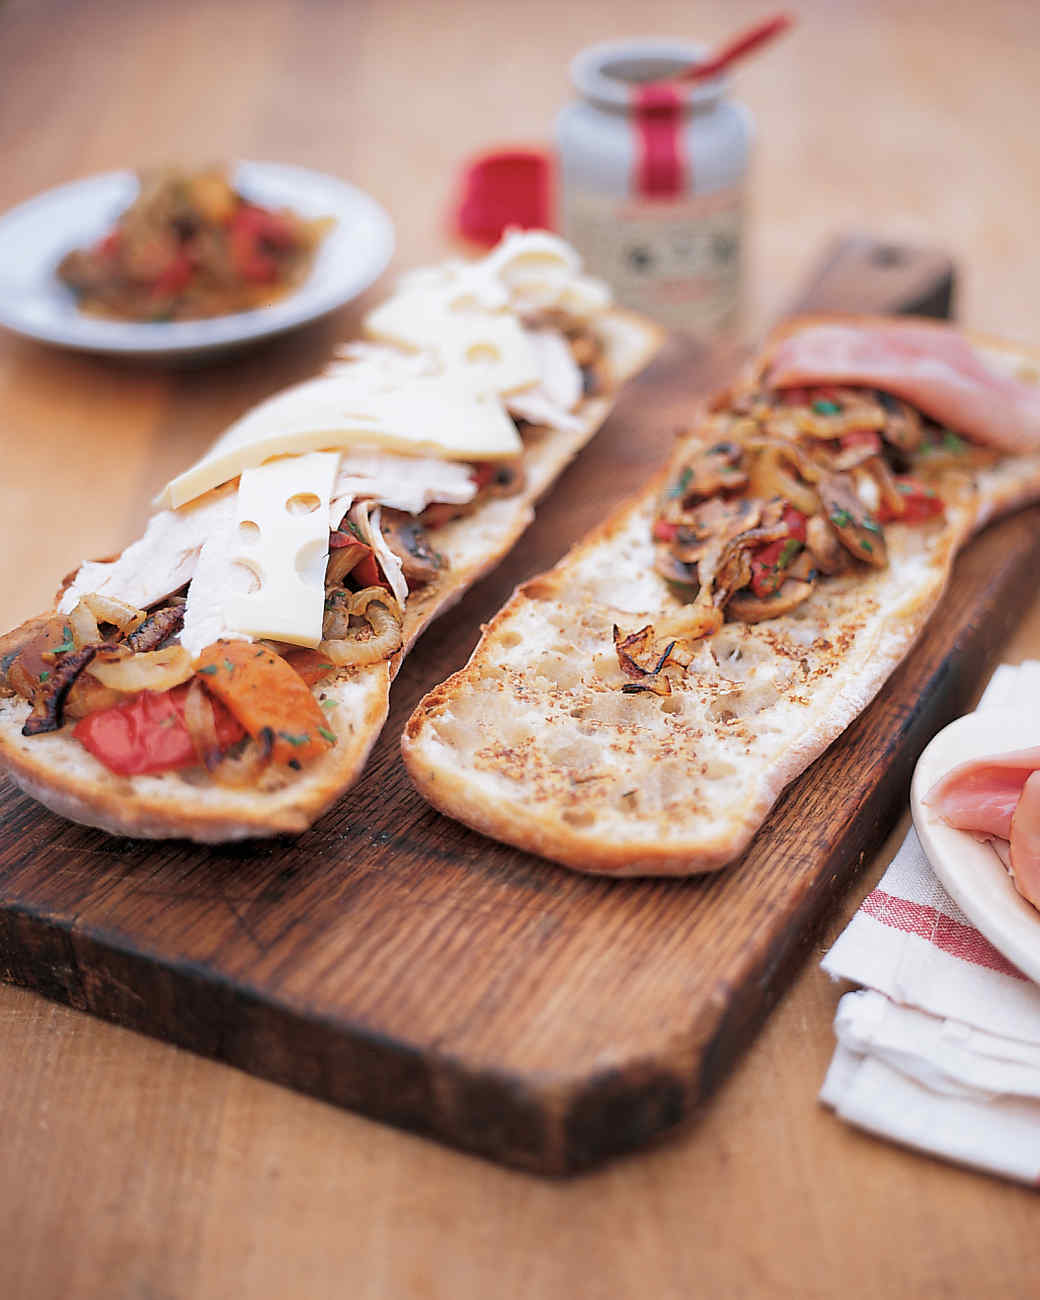 qc_1199_sandwichprp.jpg